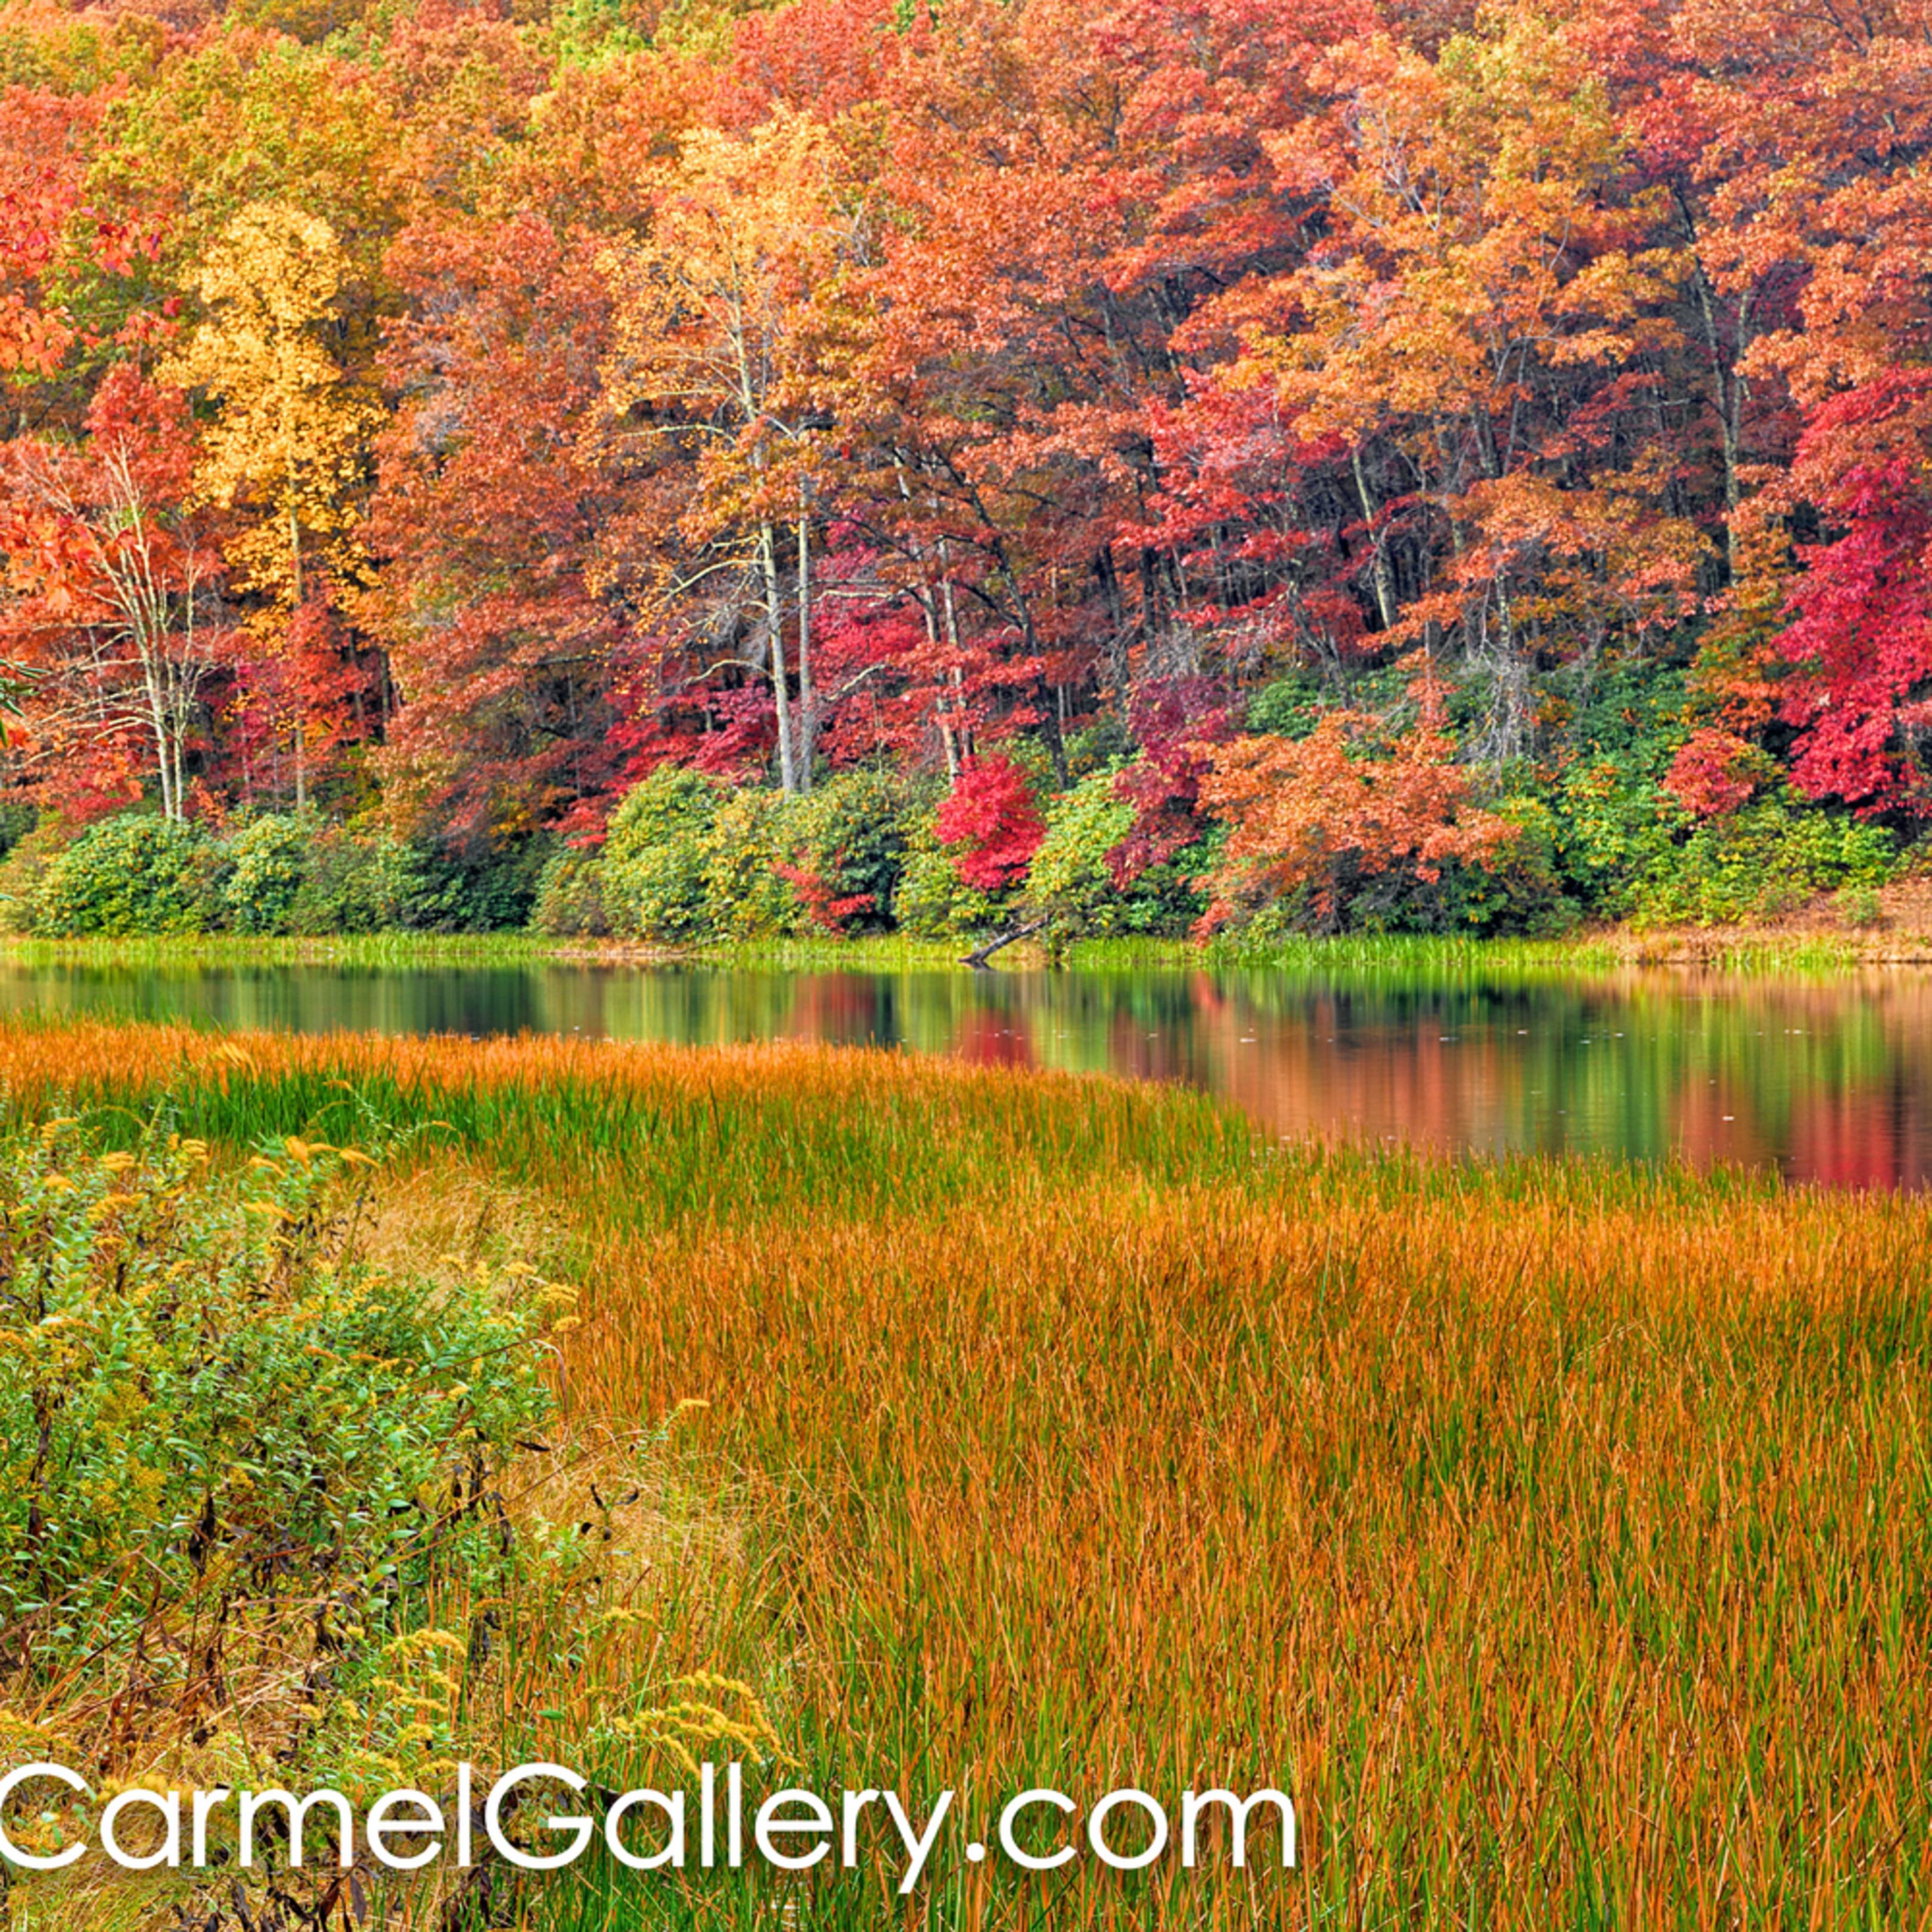 Autumn hues afu6ll